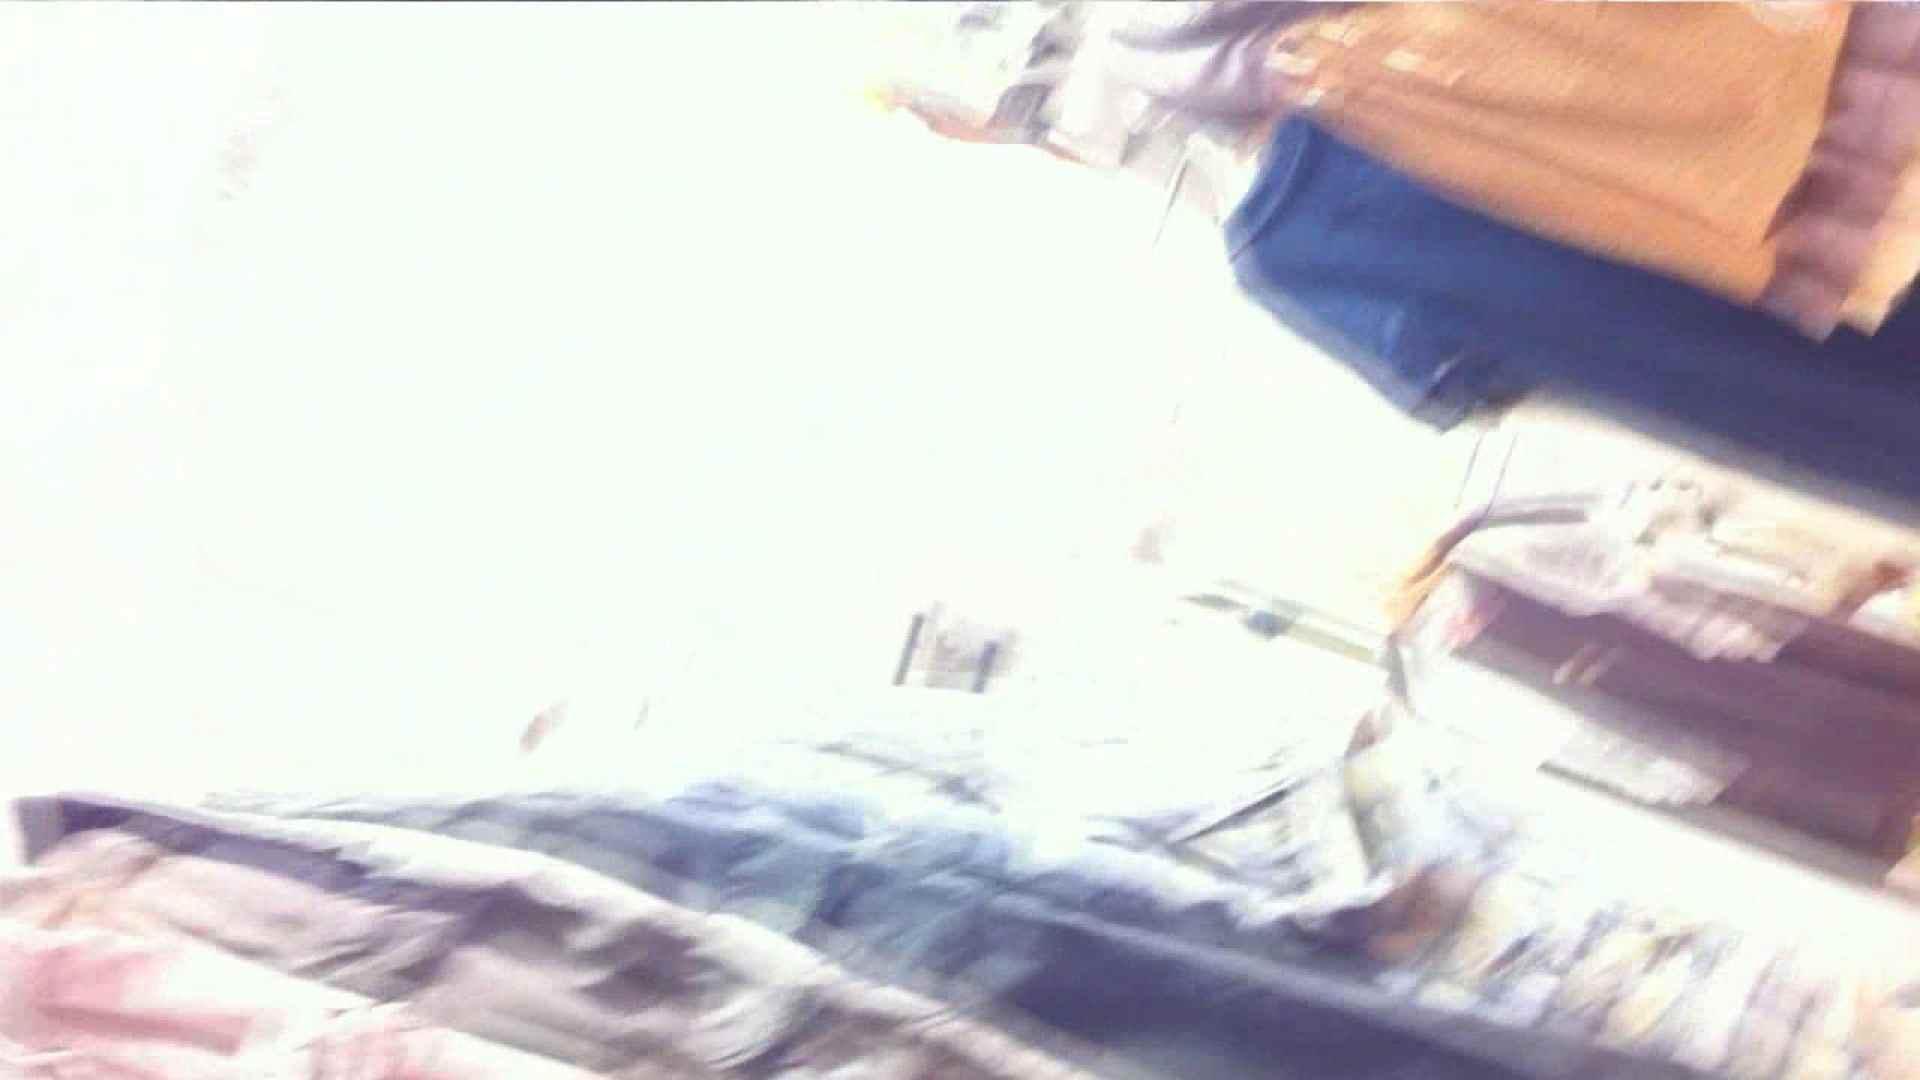 可愛いカリスマ店員限定‼胸チラ&パンチラ vol.26 おまんこ無修正 盗撮画像 107画像 100